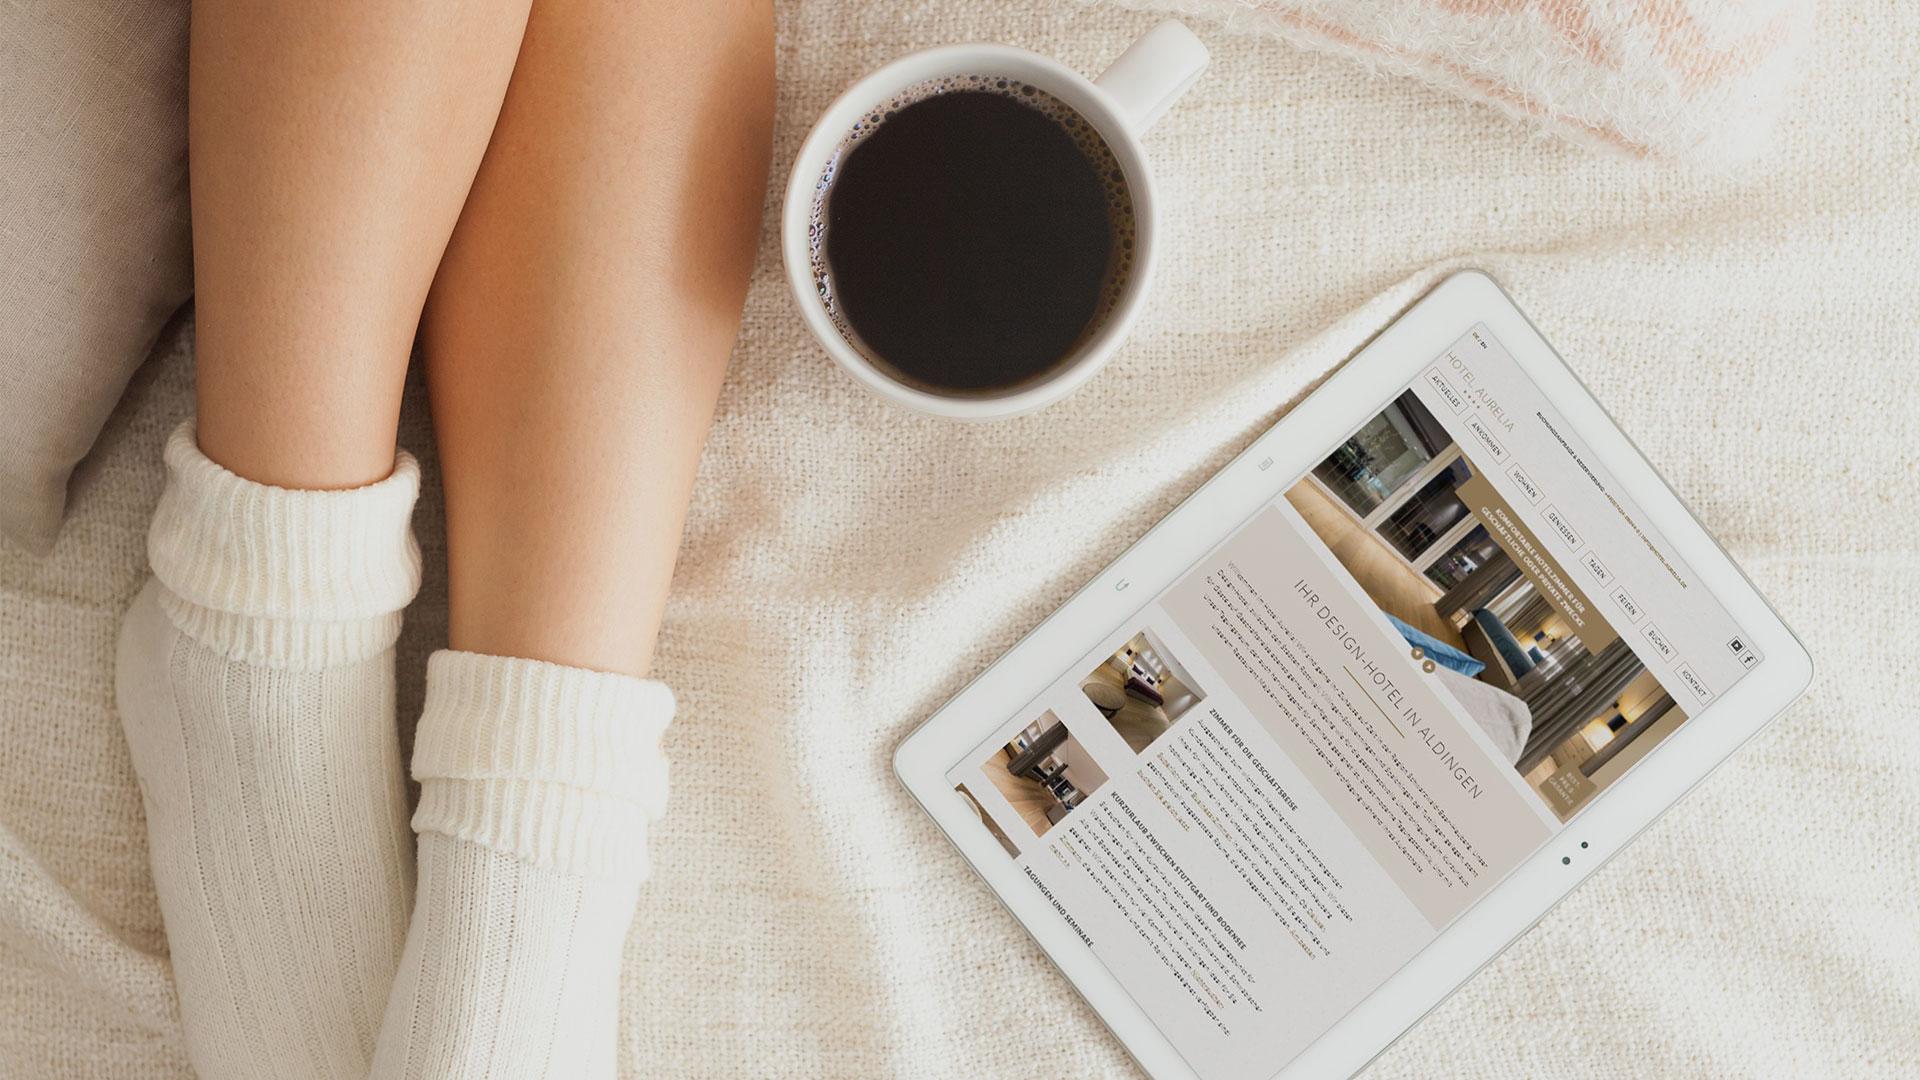 Neustart mit Anspruch: Frischer Webauftritt für Design-Hotel Aurelia